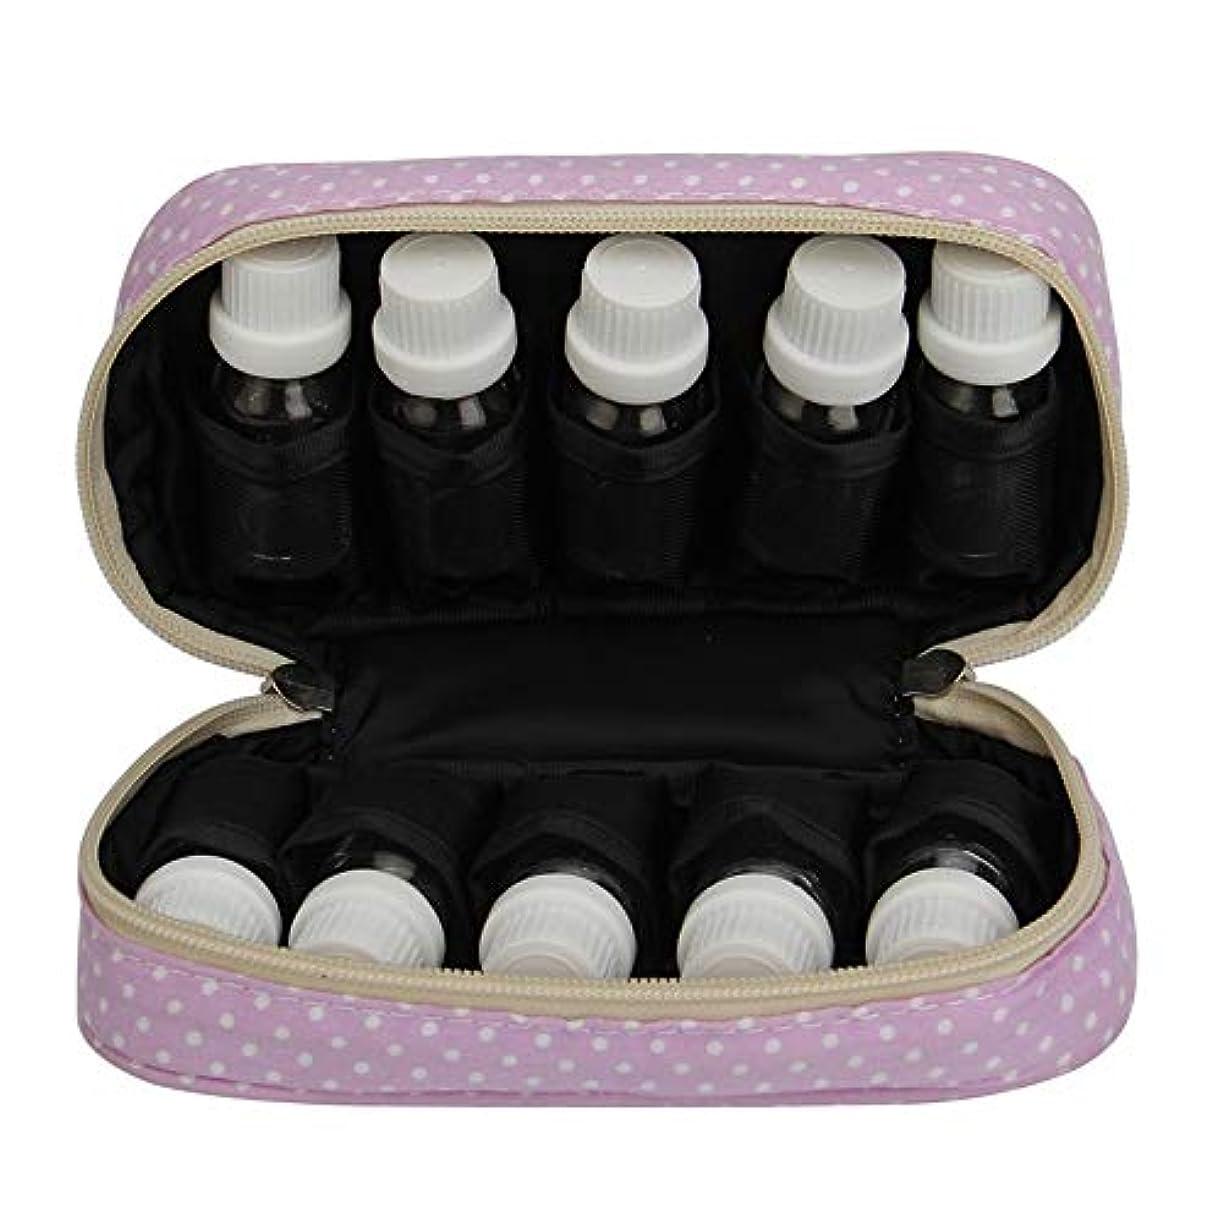 藤色ショットくるみエッセンシャルオイルの保管 エッセンシャルオイルキャリングケースは、10本のボトル10-15MLトラベルオーガナイザーポーチバッグを開催します (色 : 紫の, サイズ : 18.5X11X5CM)